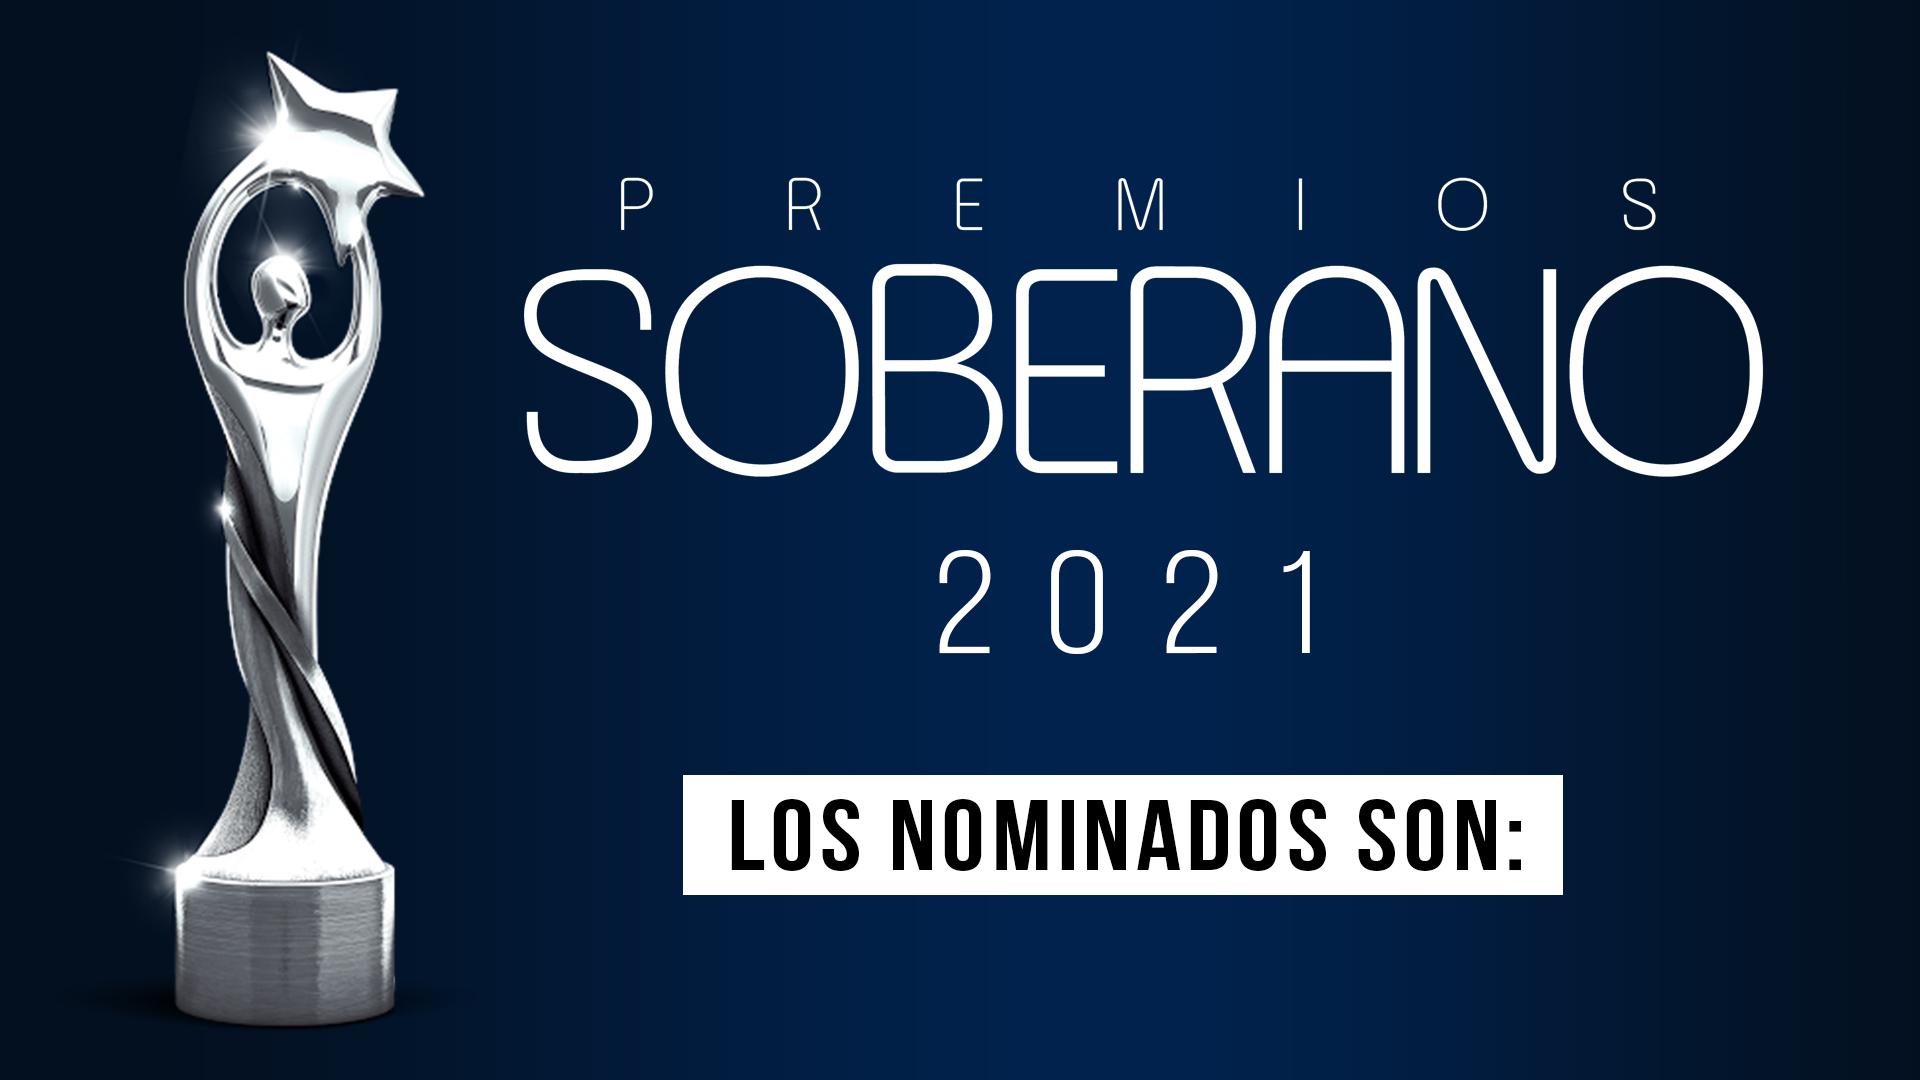 Estos son los nominados a Premios Soberano 2021